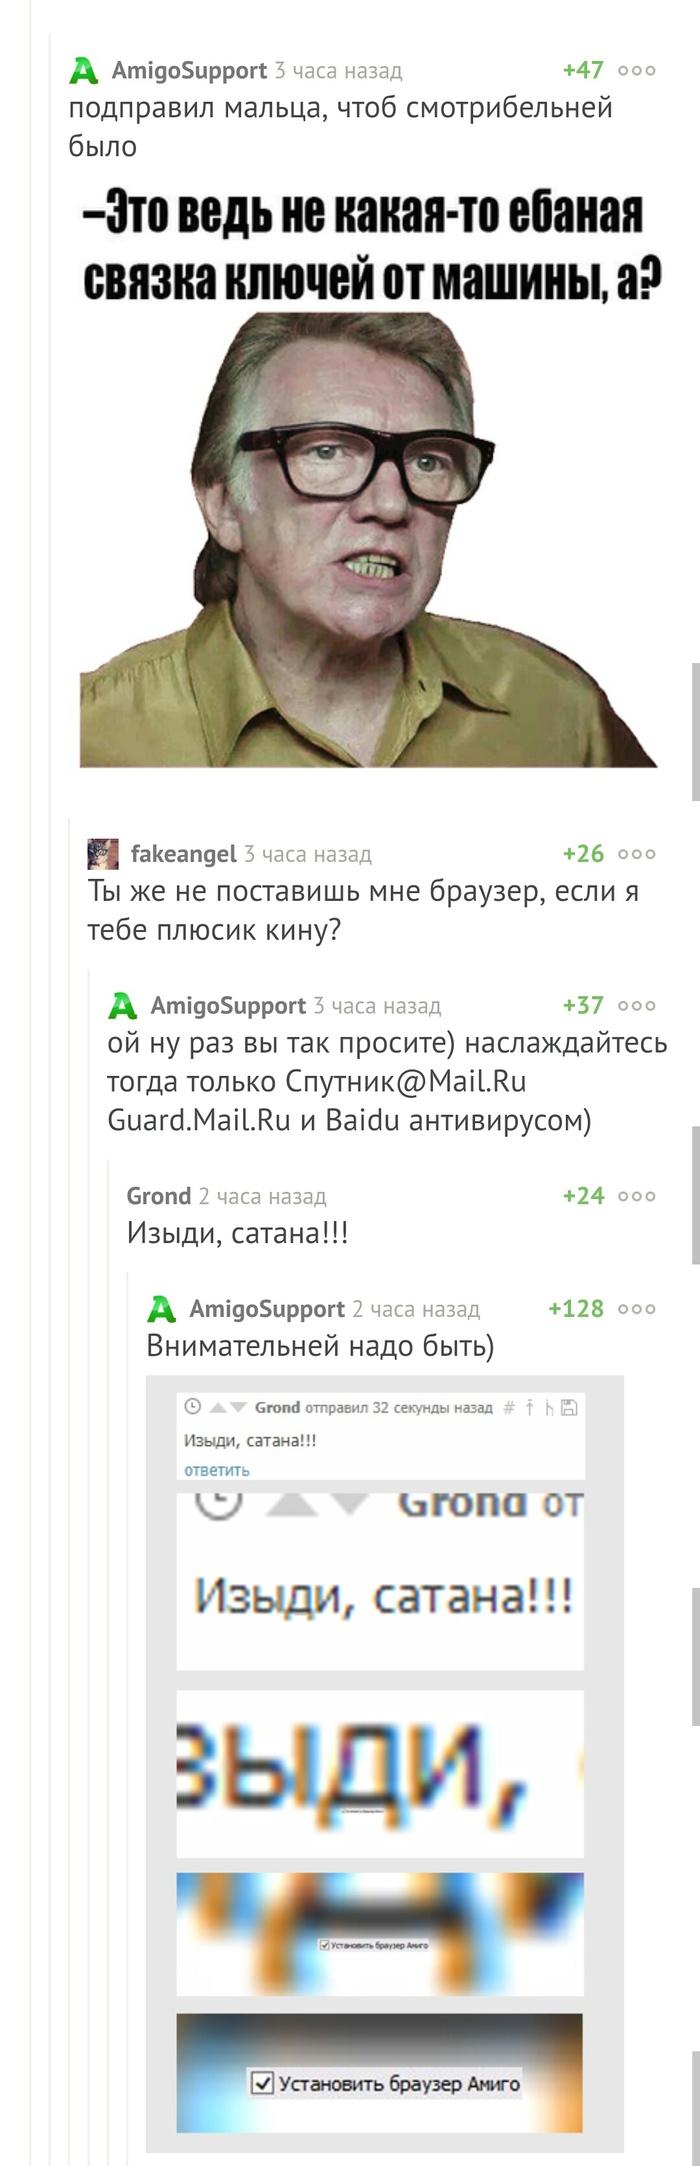 Вся суть mail.ru и иже с ними Mailru, Амиго, Юмор, Комментарии, Длиннопост